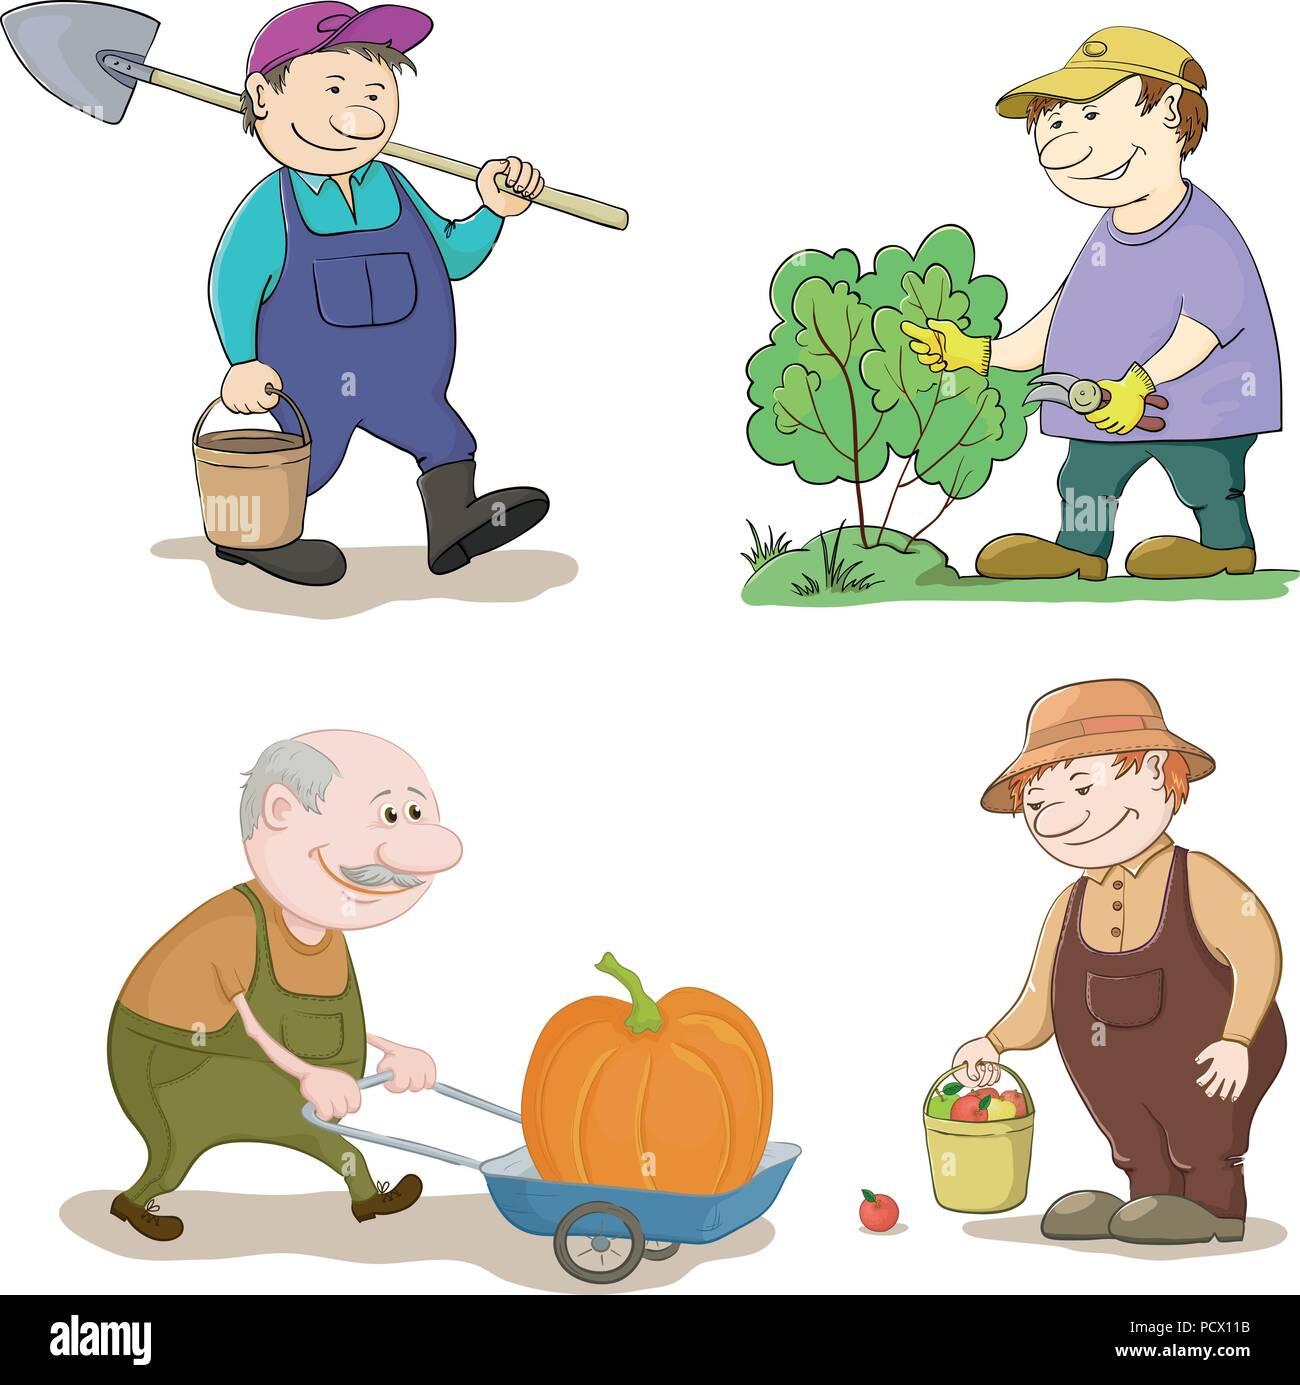 Les Jardiniers, avec Travail de dessin animé un seau et Spade, coupe un buisson avec des sécateurs, porte chariot avec citrouille, avec la récolte de pommes. Vector Photo Stock